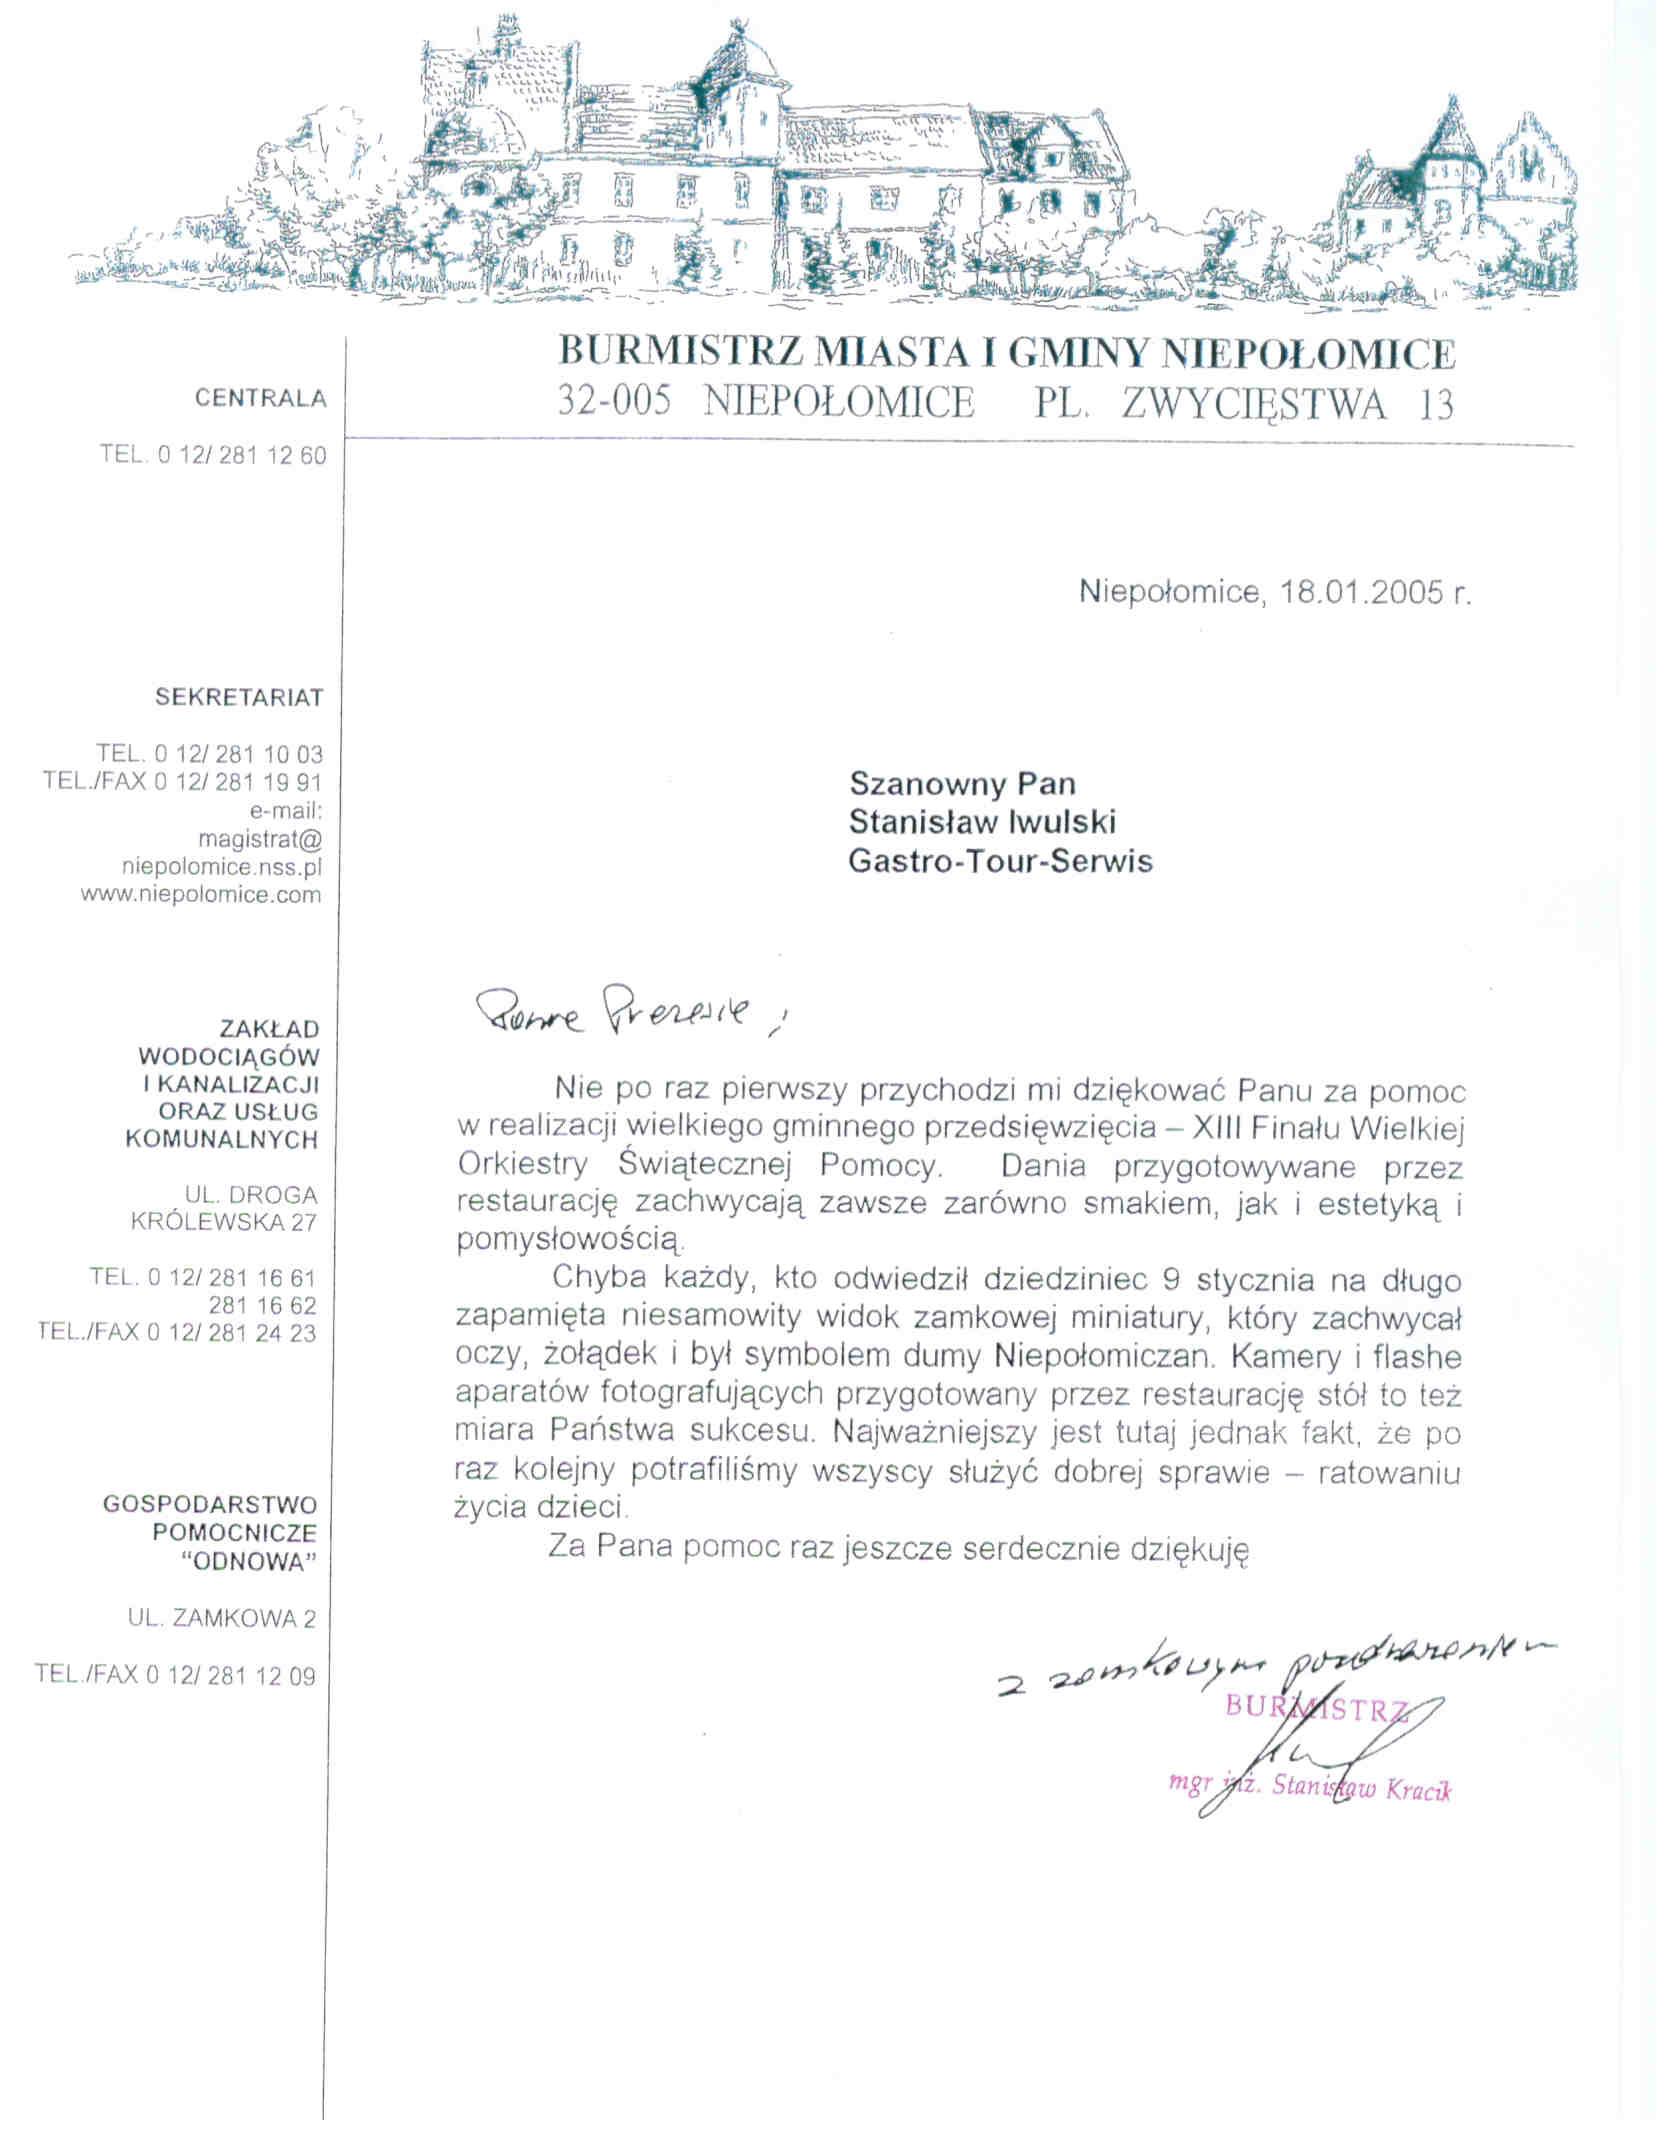 referencje_Burmistrz_Miasta_i_Gminy_Niepolomice